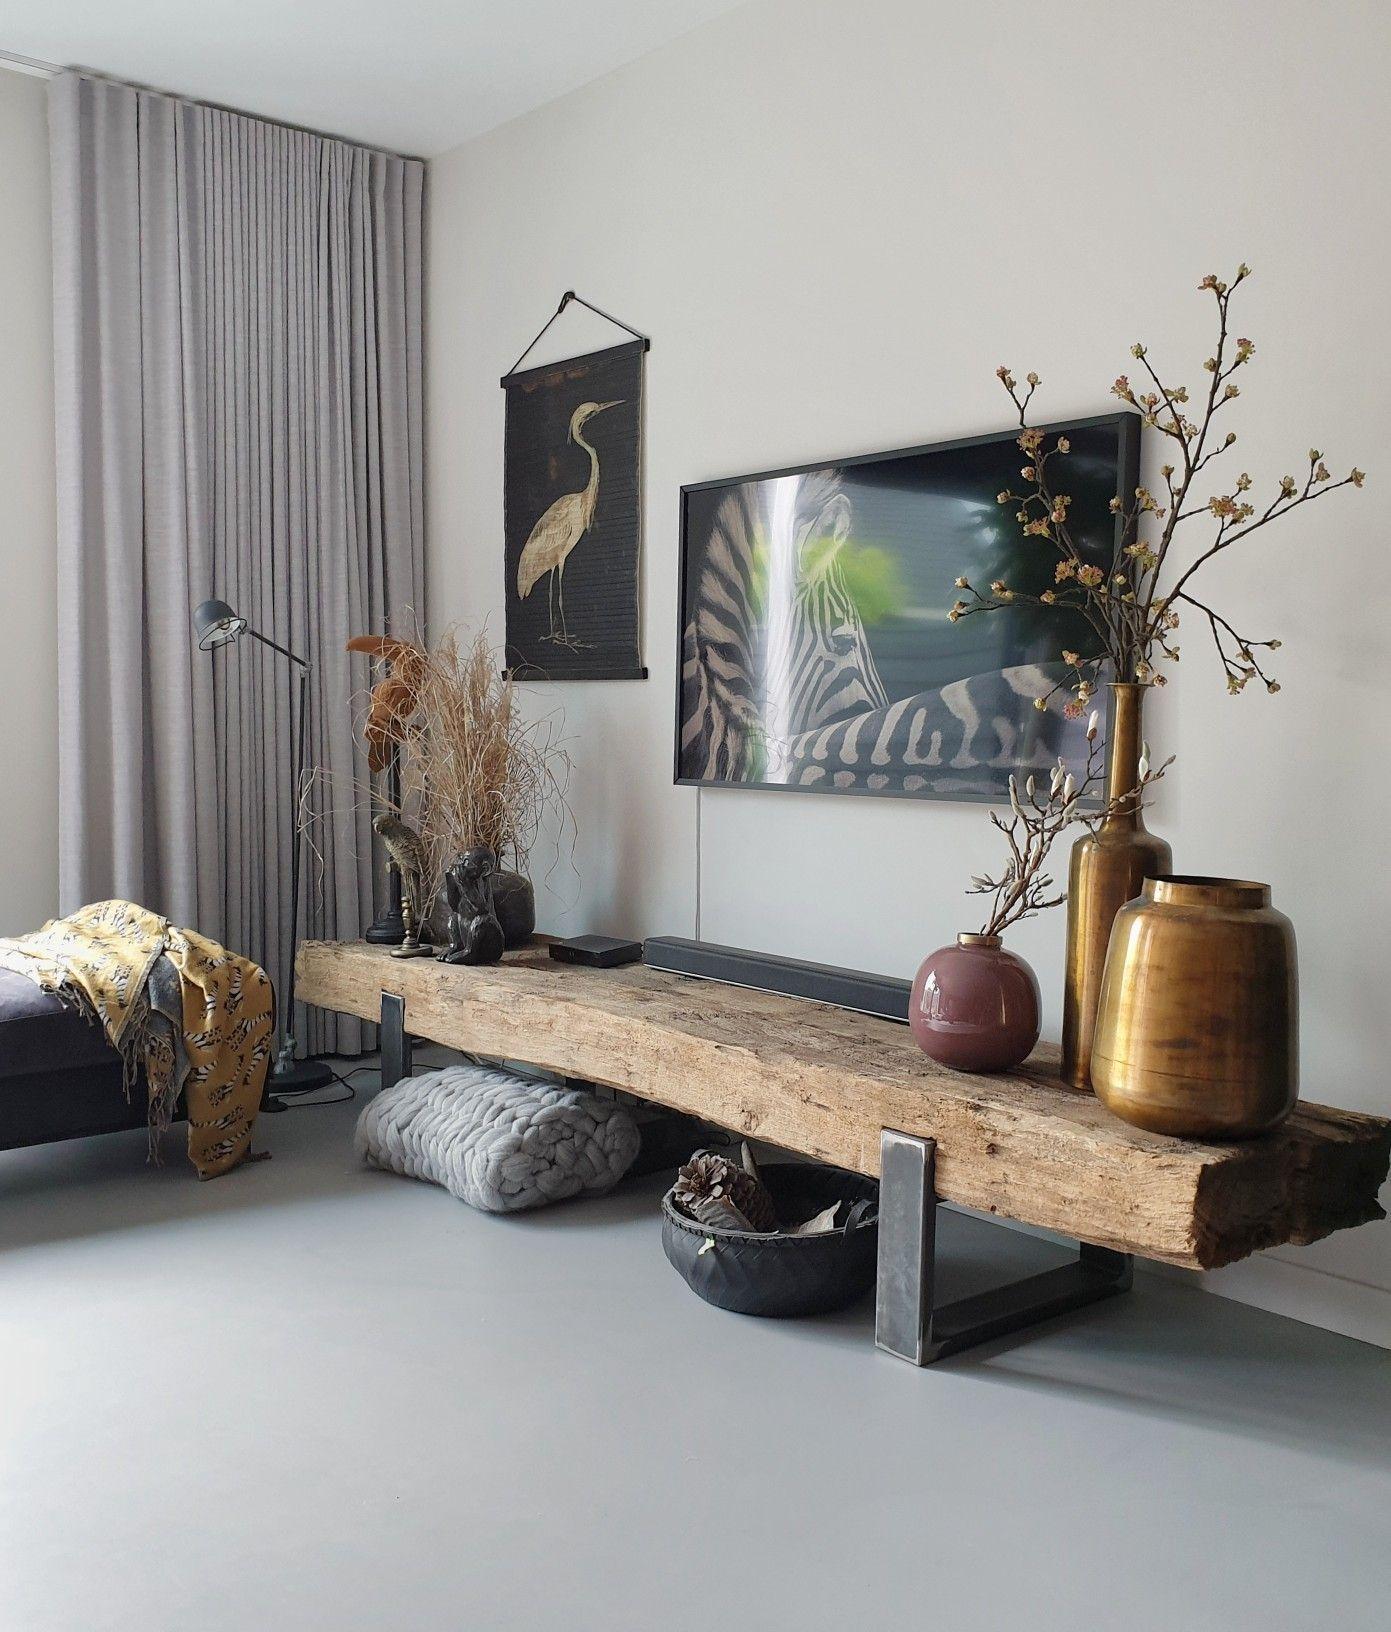 Tv Meubel Spoorbielzen Bielzenmeubel Interieurtips Interieurstyling Woont Innenarchitektur Wohnzimmer Wohnzimmer Einrichten Inspiration Wohnzimmer Design